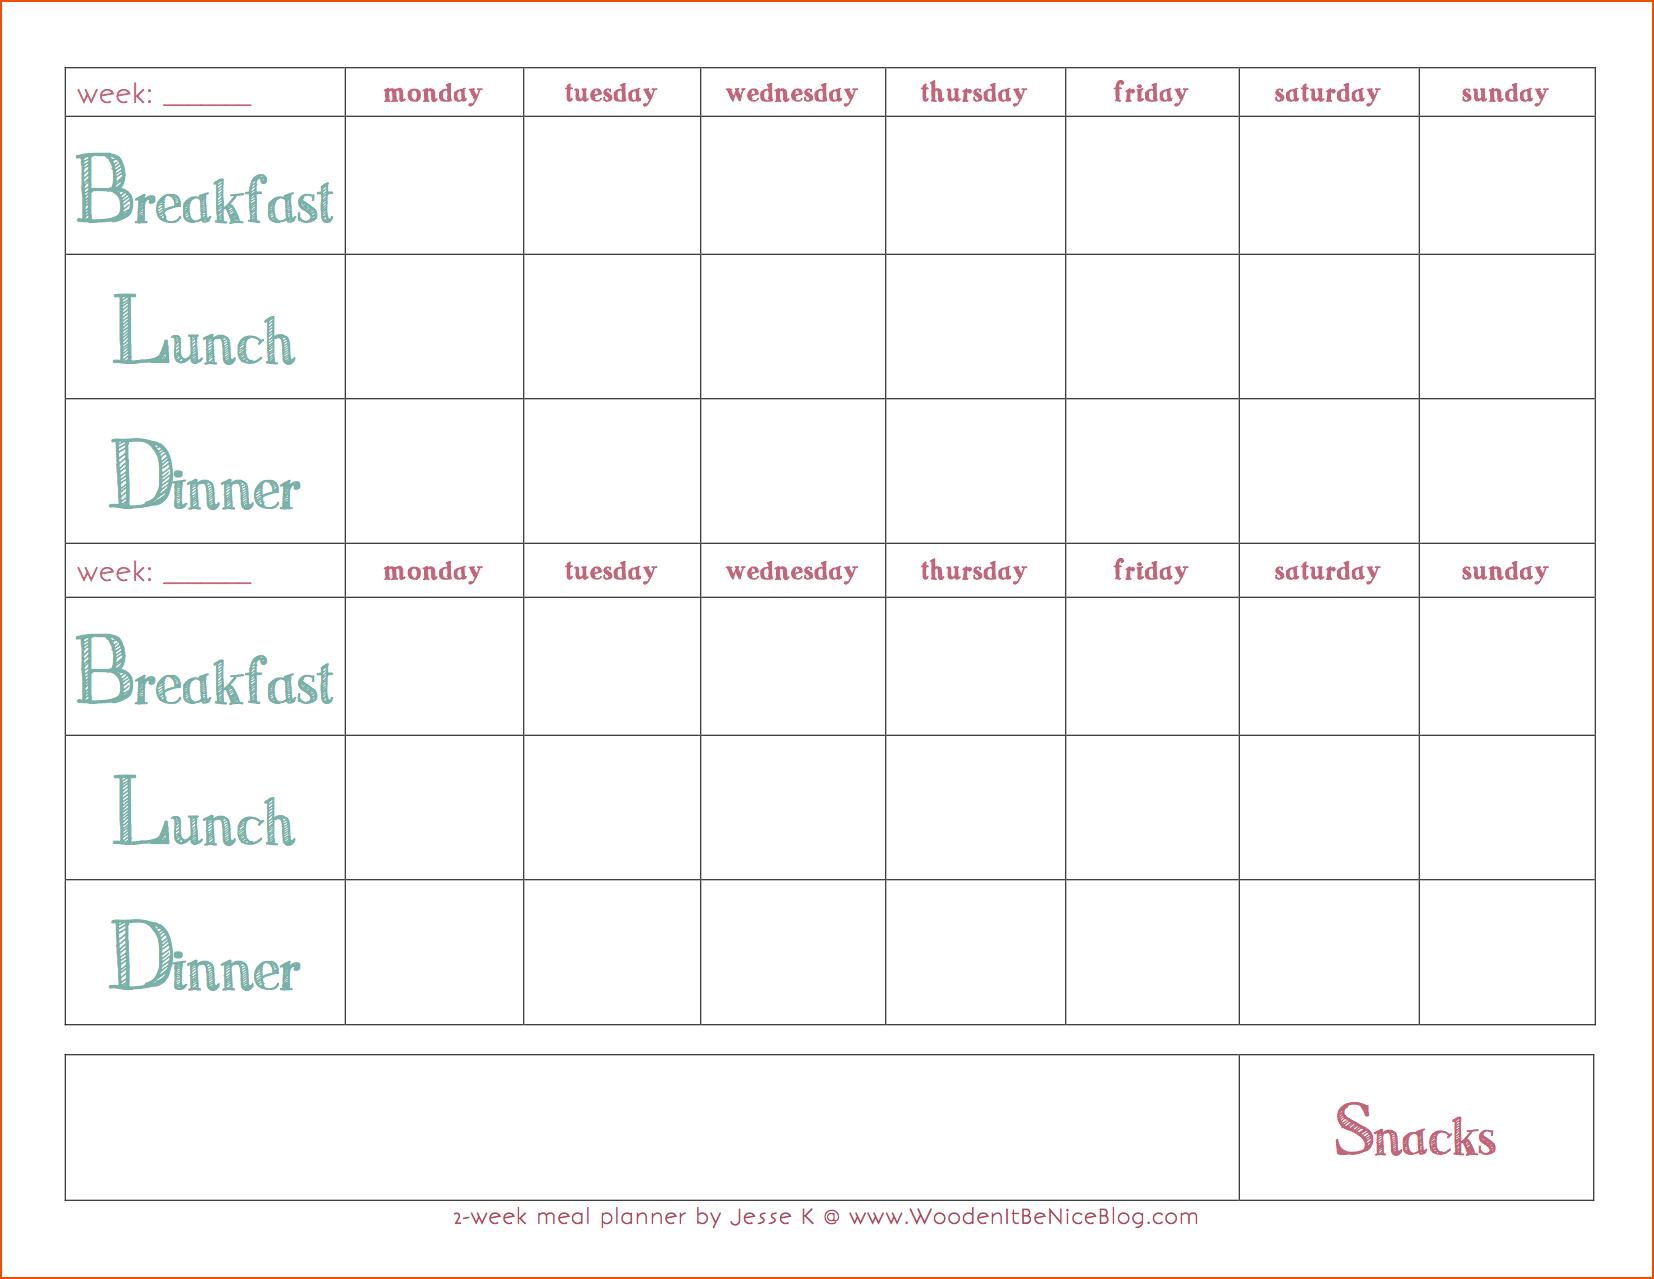 Weekly Meal Plan Template 2weekmealplanner Coastal